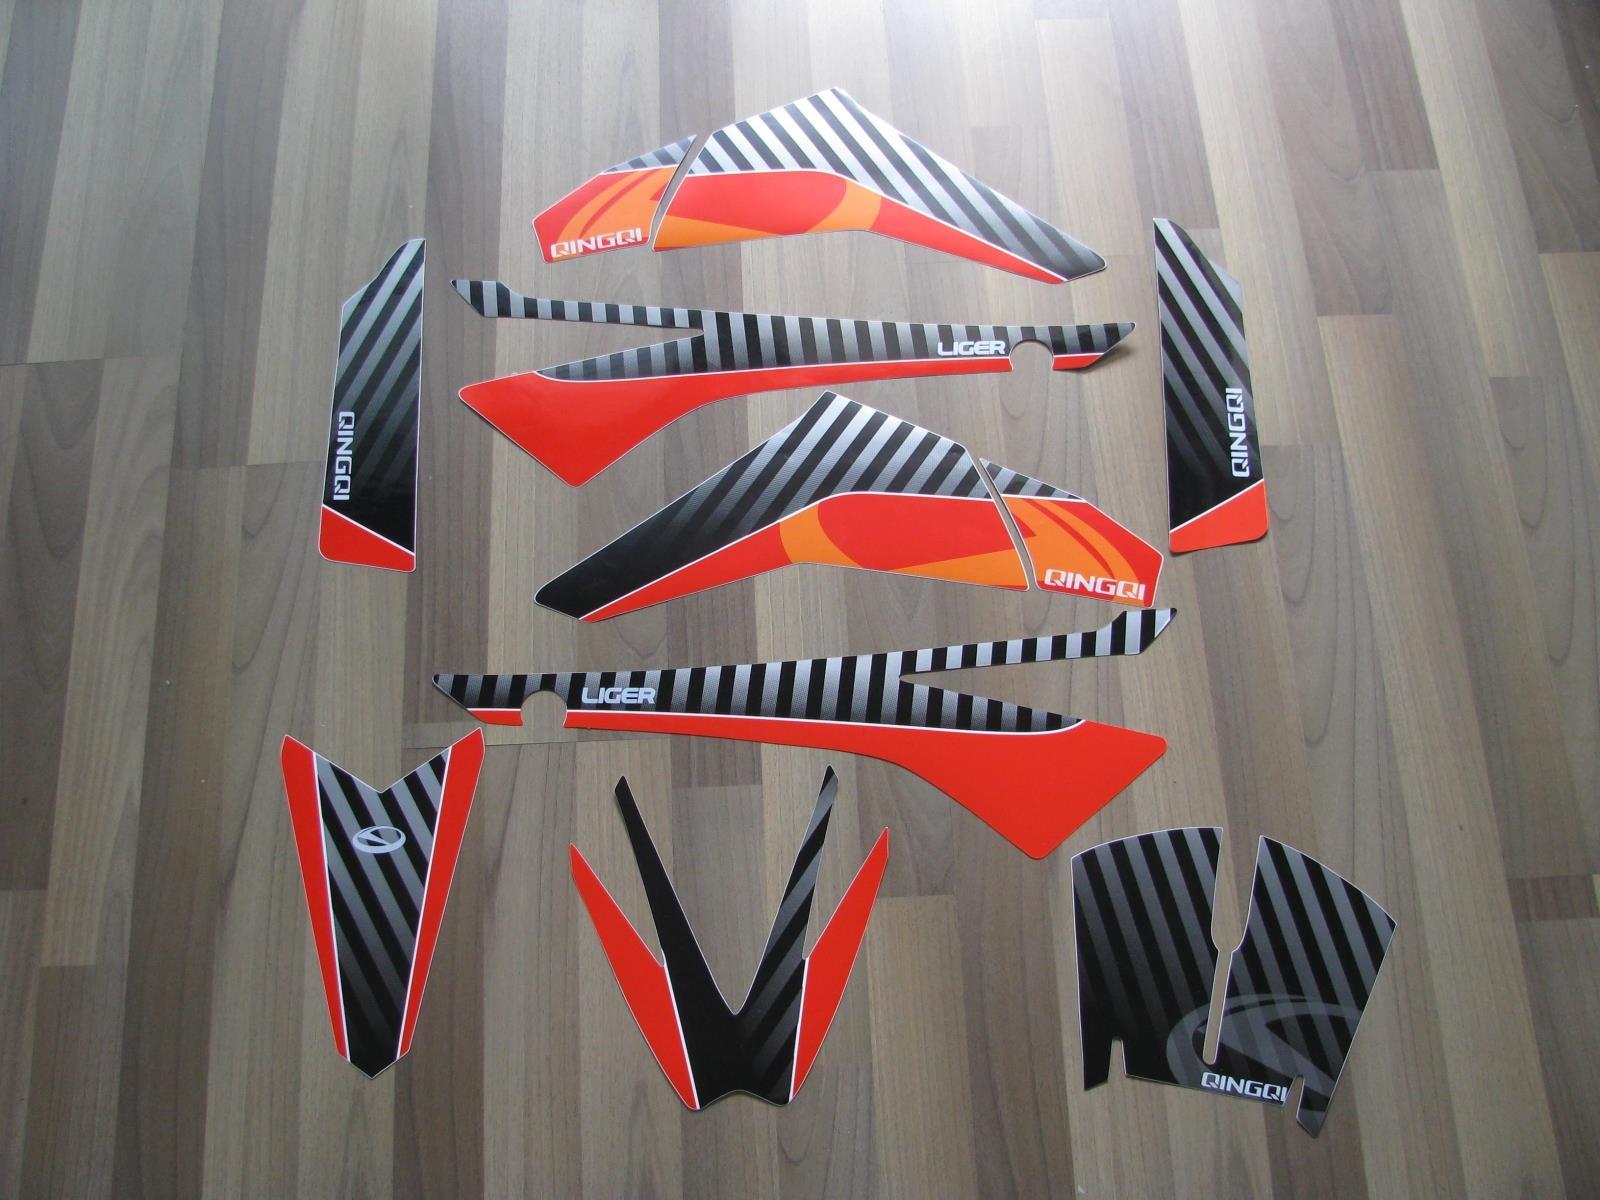 Цзинань qingqi QM250GY мастиф серии автомобиля наклейки, отличительные знаки автомобилей (матовый черный)